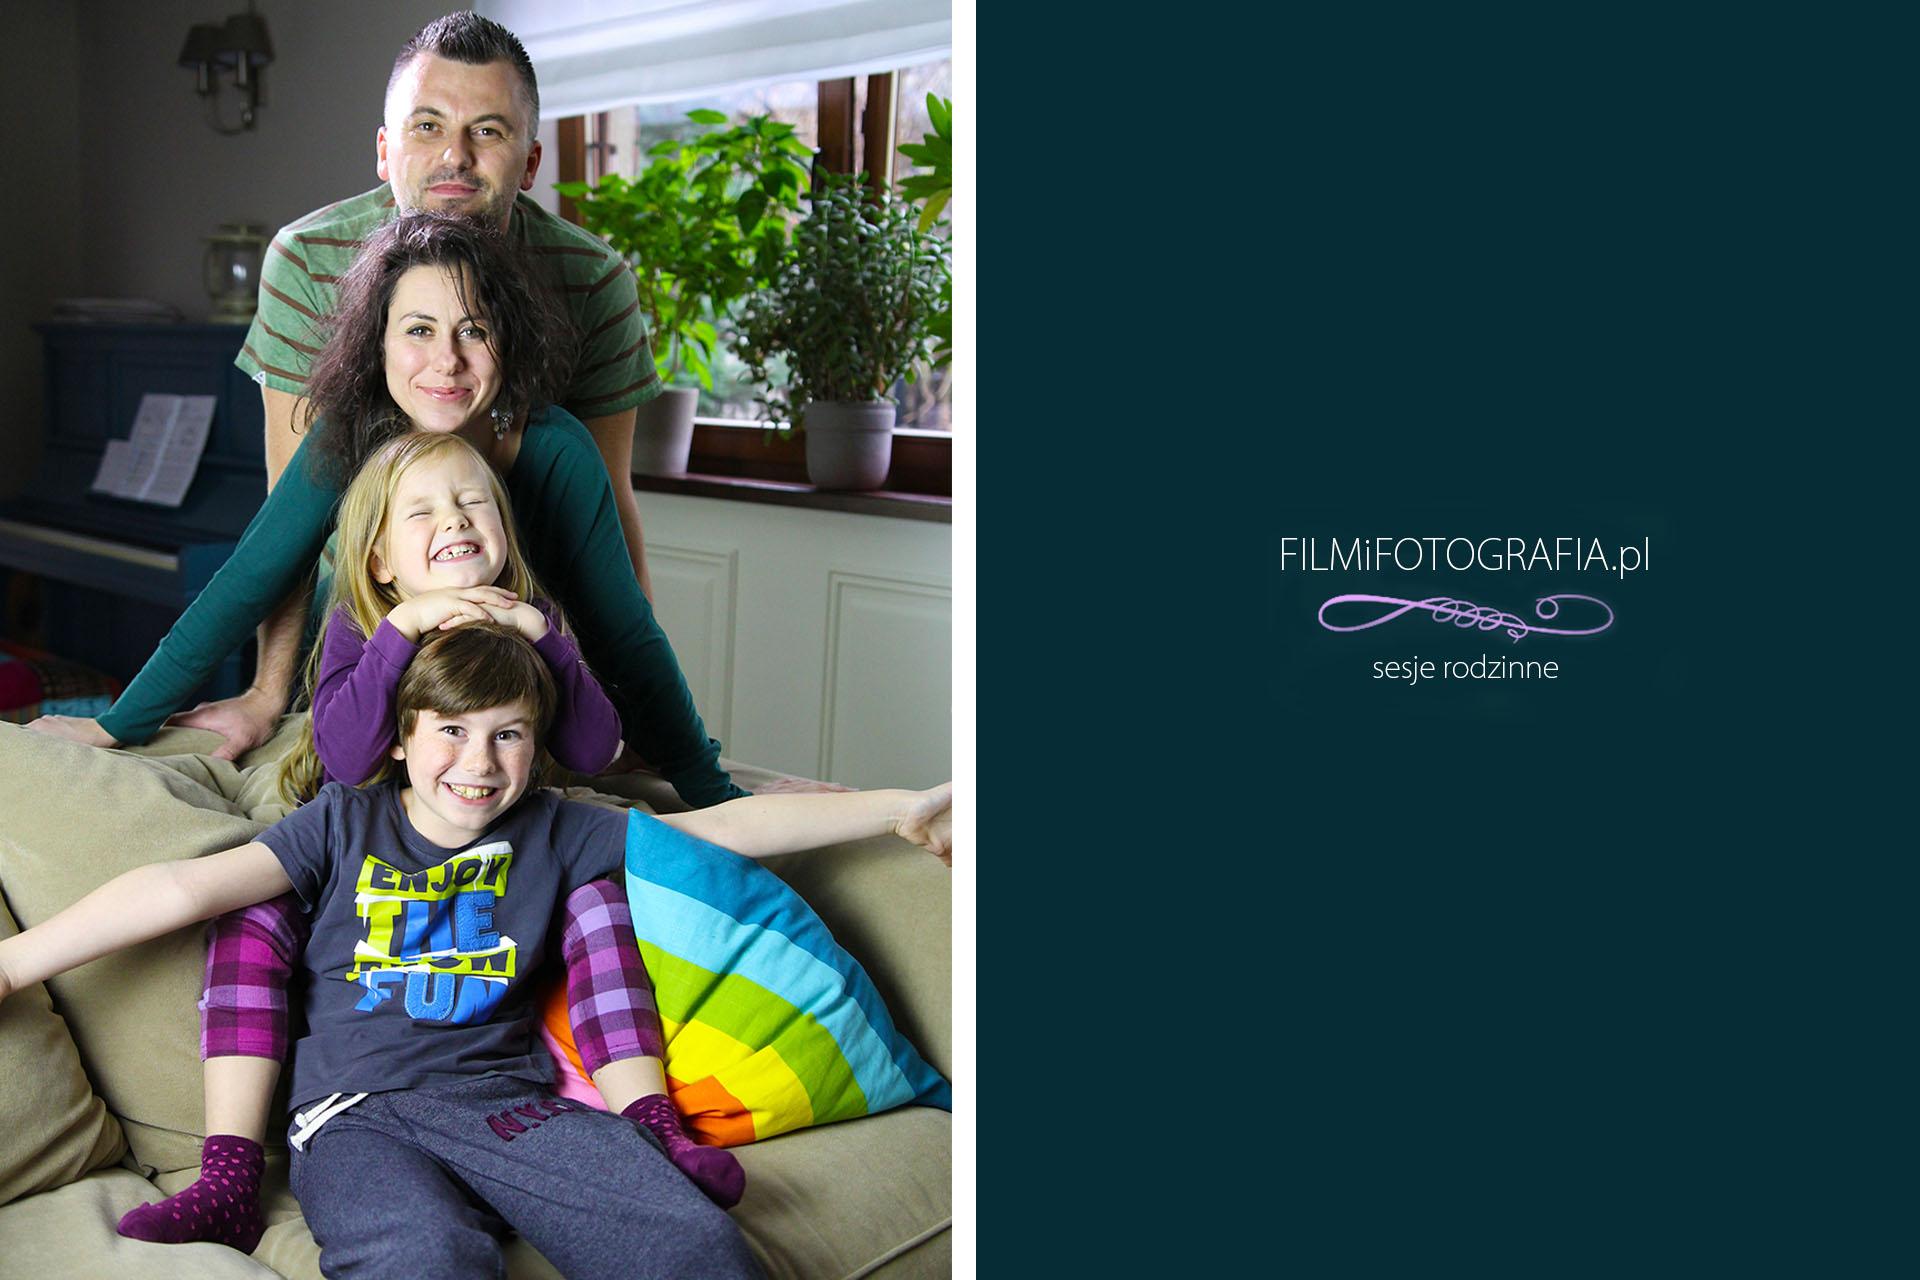 sesje rodzinne, fotograf grodzisk mazowiecki, sesje fotograficzne warszawa